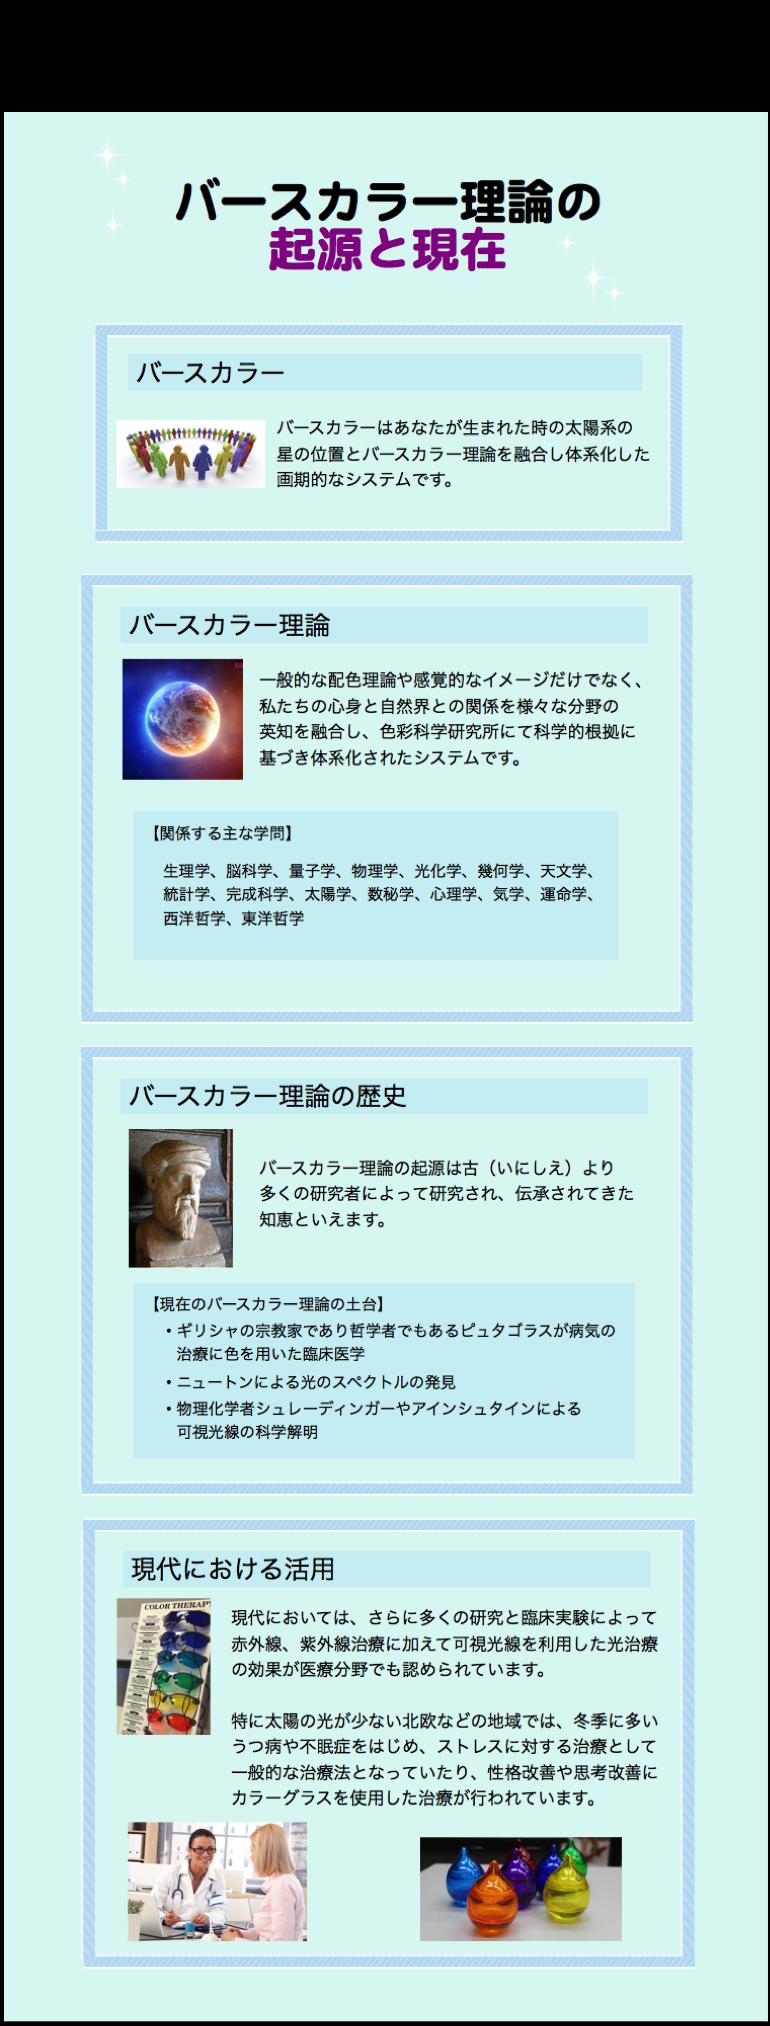 バースカラー理論の起源と現在(修正版)